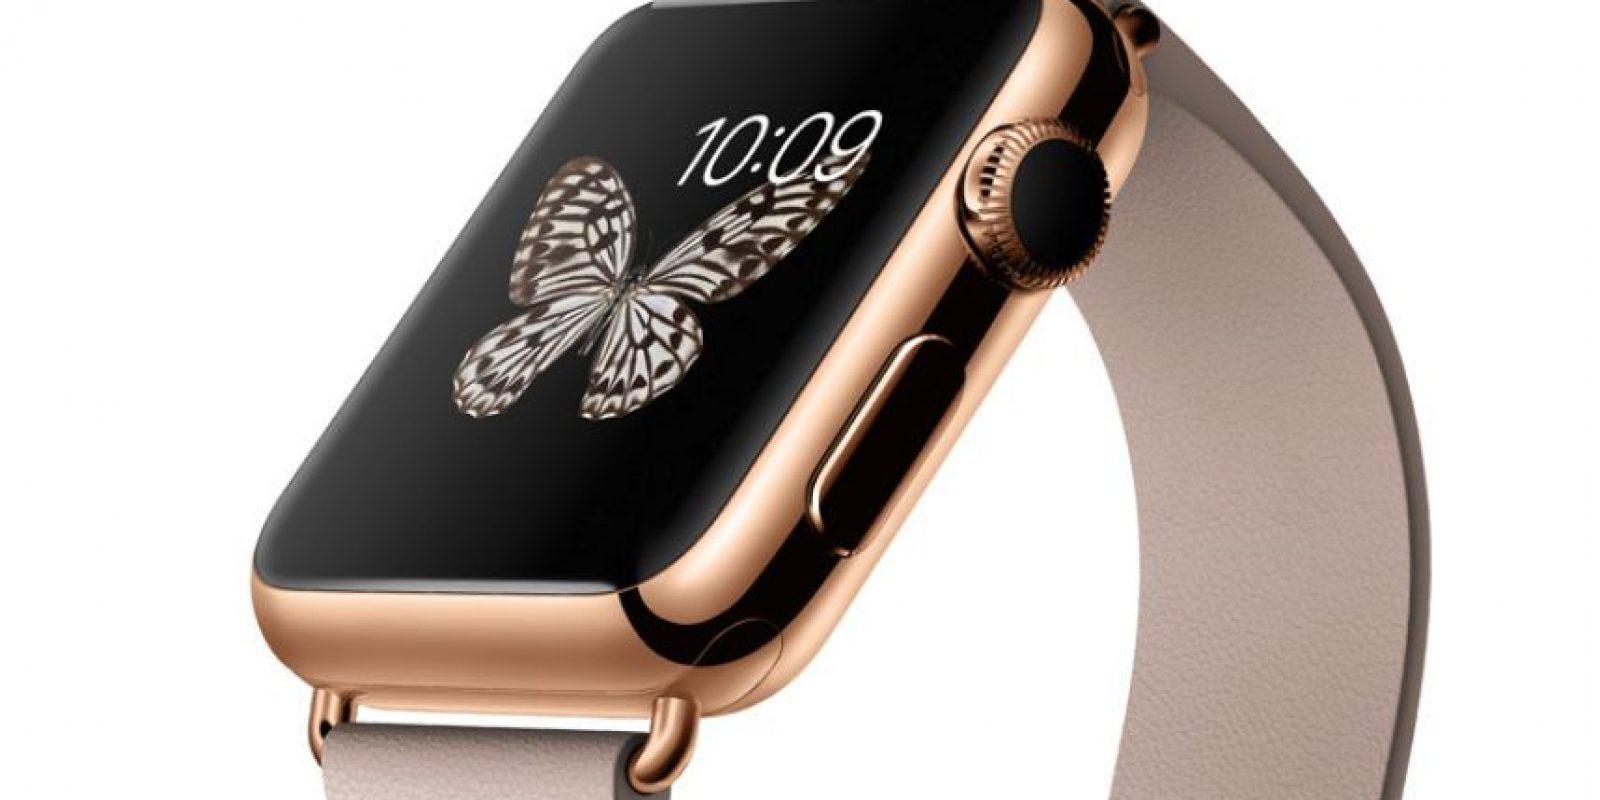 Configuración virtual personal: Apple podrá atender online mediante una videoconferencia a los clientes interesados en el Apple Watch Edition, además de otorgarles una garantía y servicio técnico por dos años. Foto:Getty